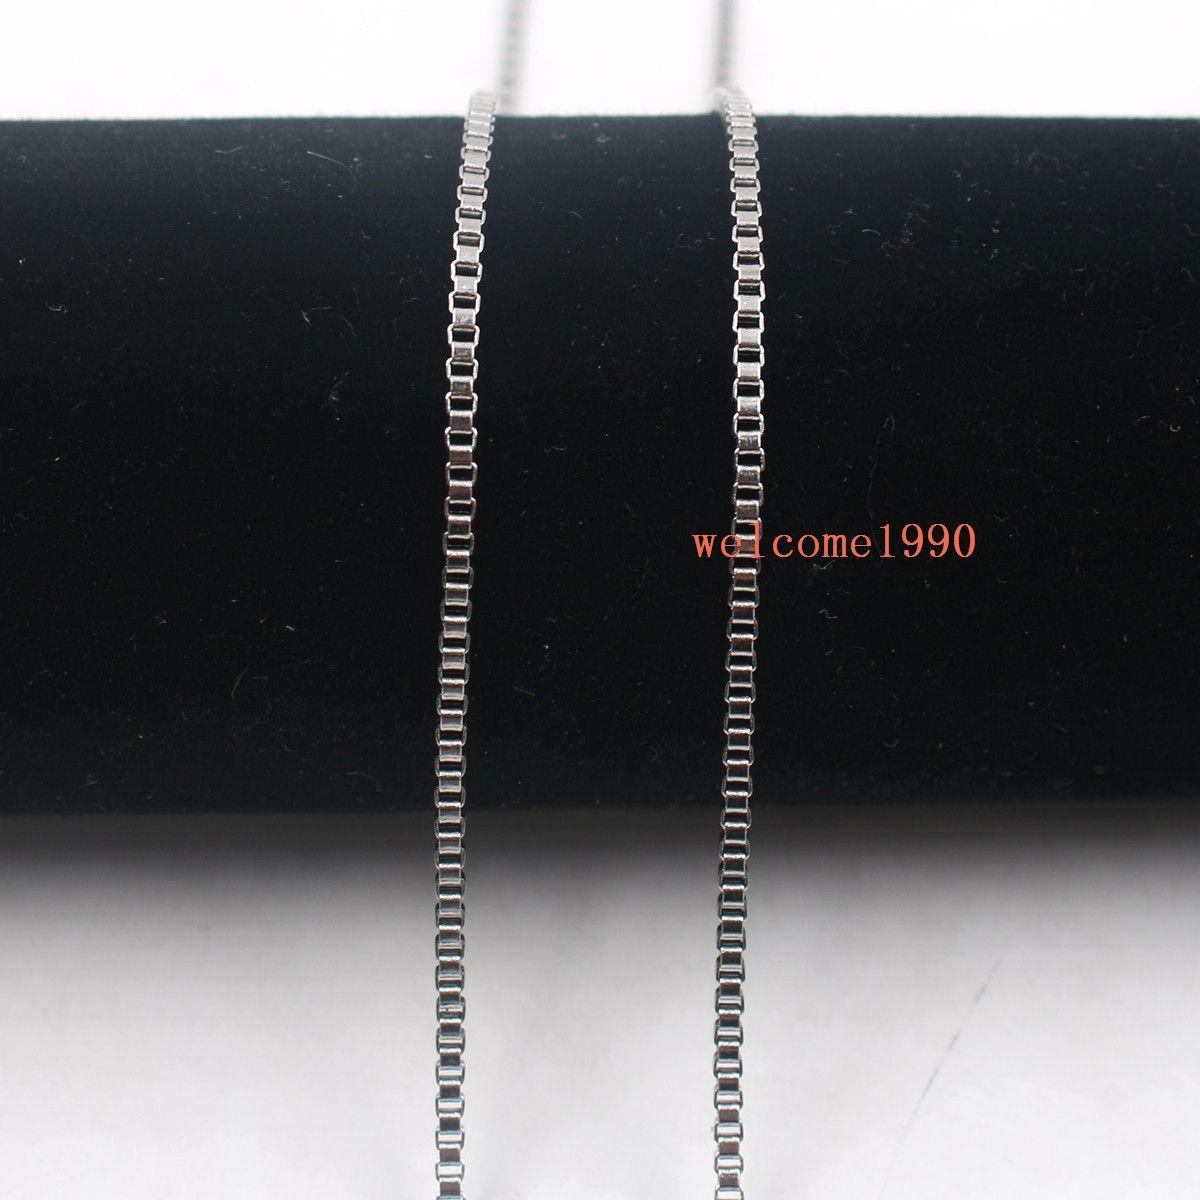 / Venta caliente de la joyería Venta al por mayor en plata a granel Collar de cadena de caja de moda de acero inoxidable 2 mm / 2.4 mm de ancho